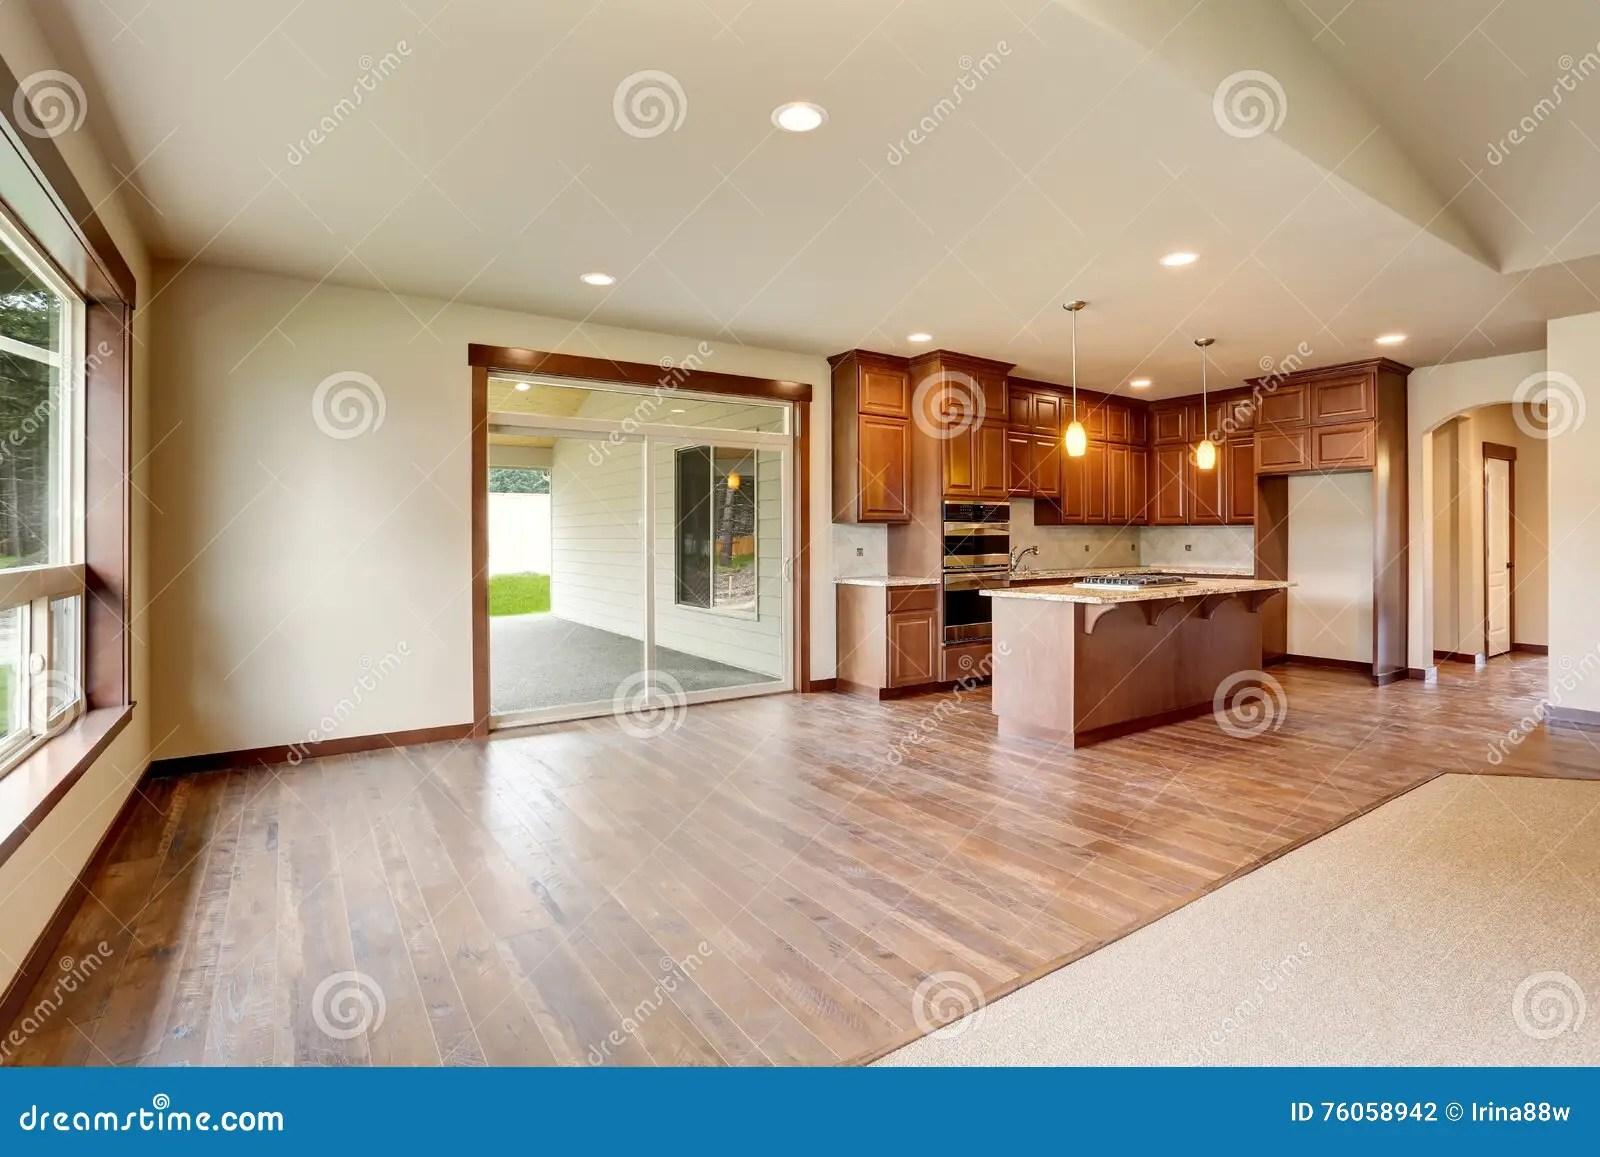 Open Floor Plan Empty Living Room With Carpet Floor